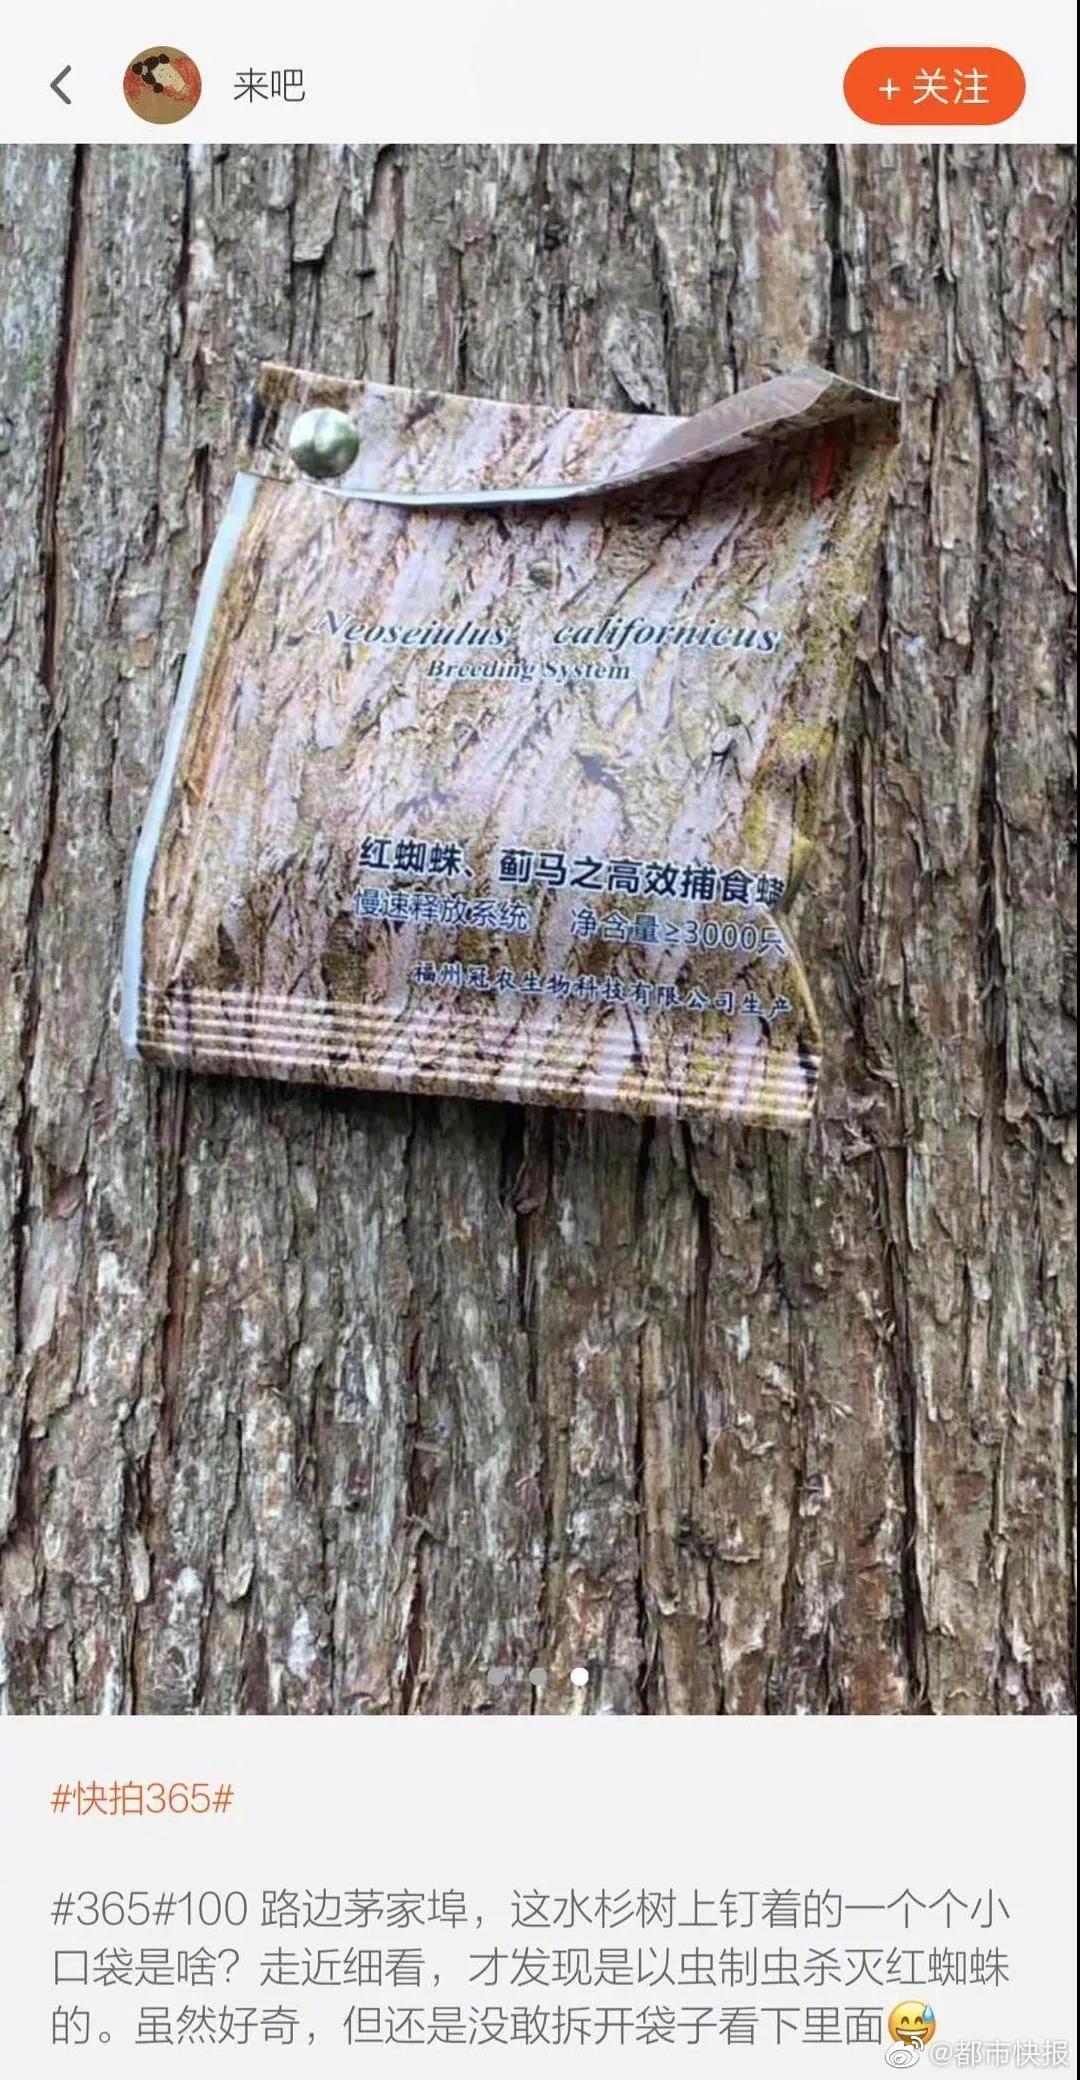 有读者爆料,茅家埠水杉树上钉着的一个个小口袋……